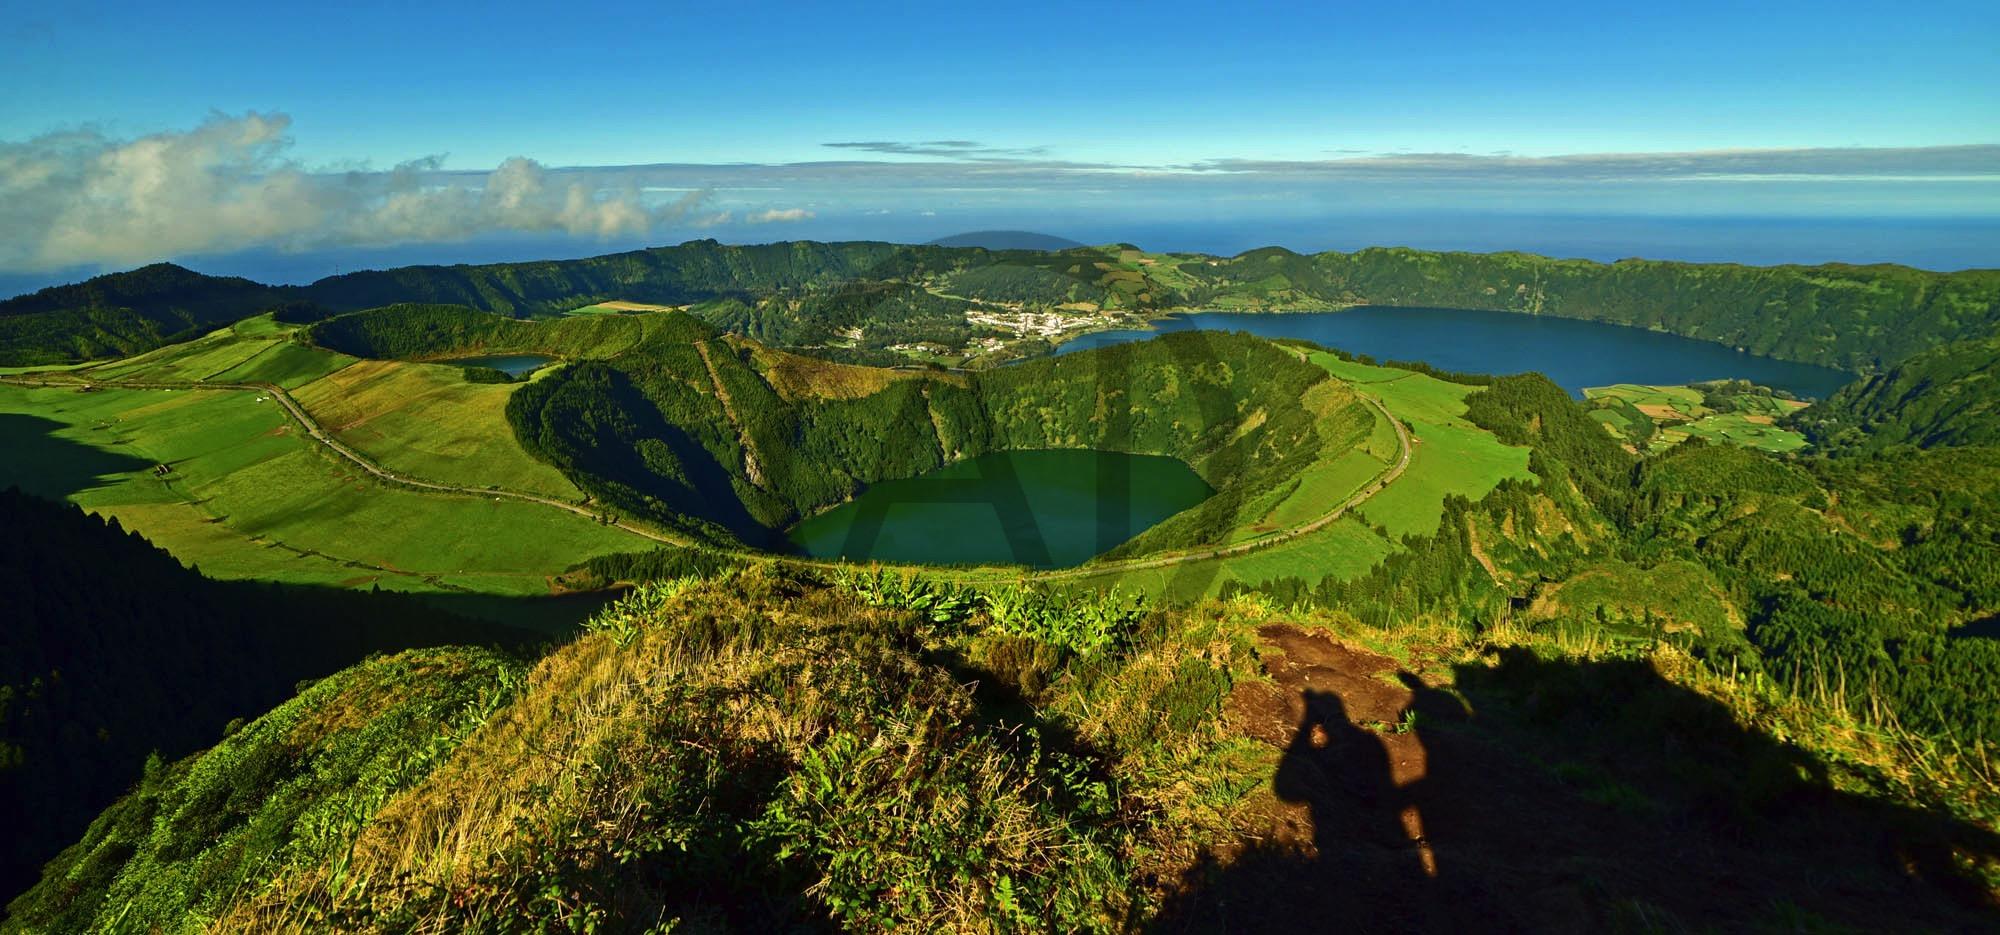 <i>Boca do Inferno, Açores (Portugal)<i>